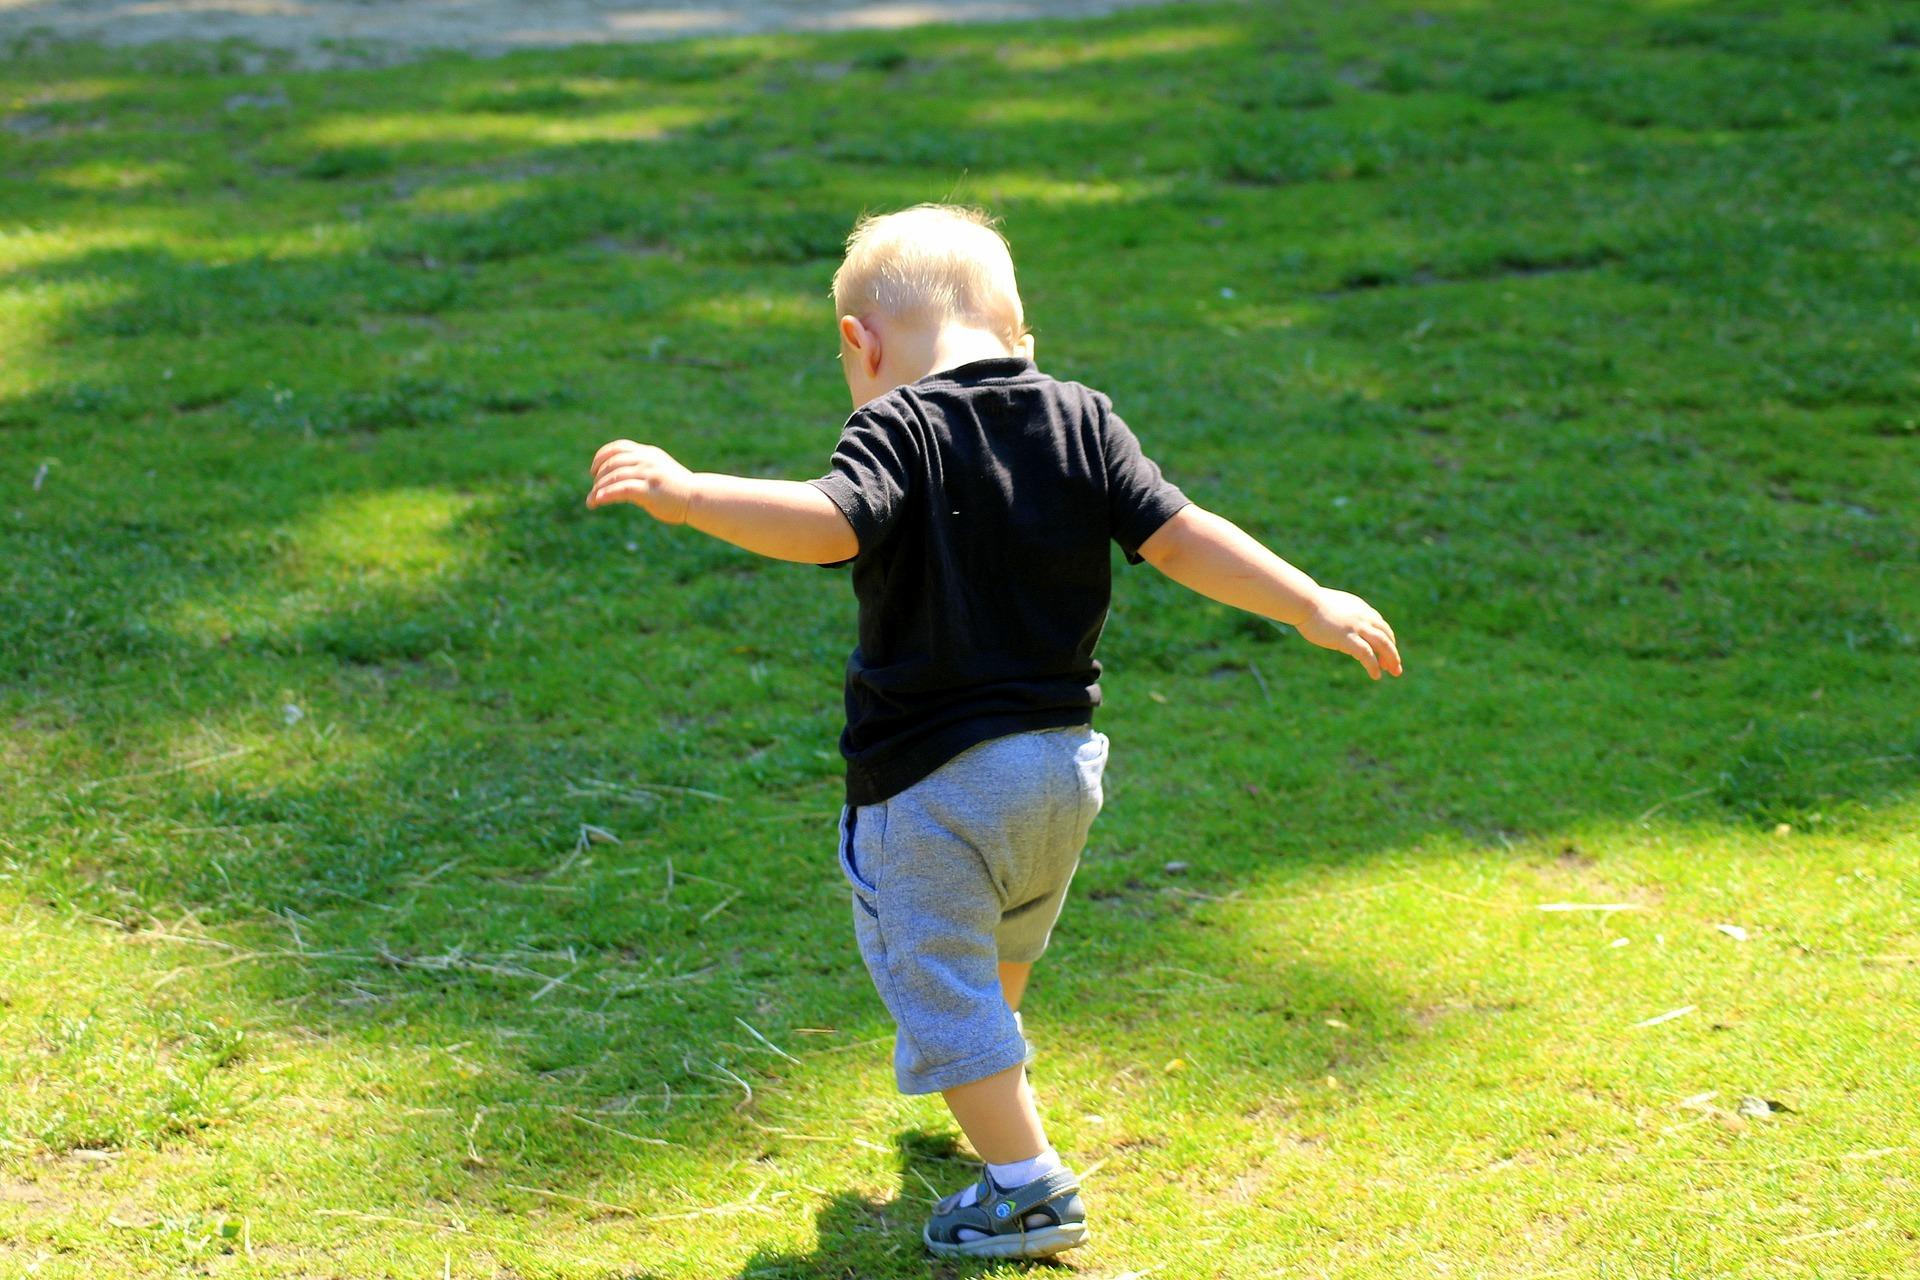 Bambini timidi e insicuri: perché la psicomotricità può aiutare